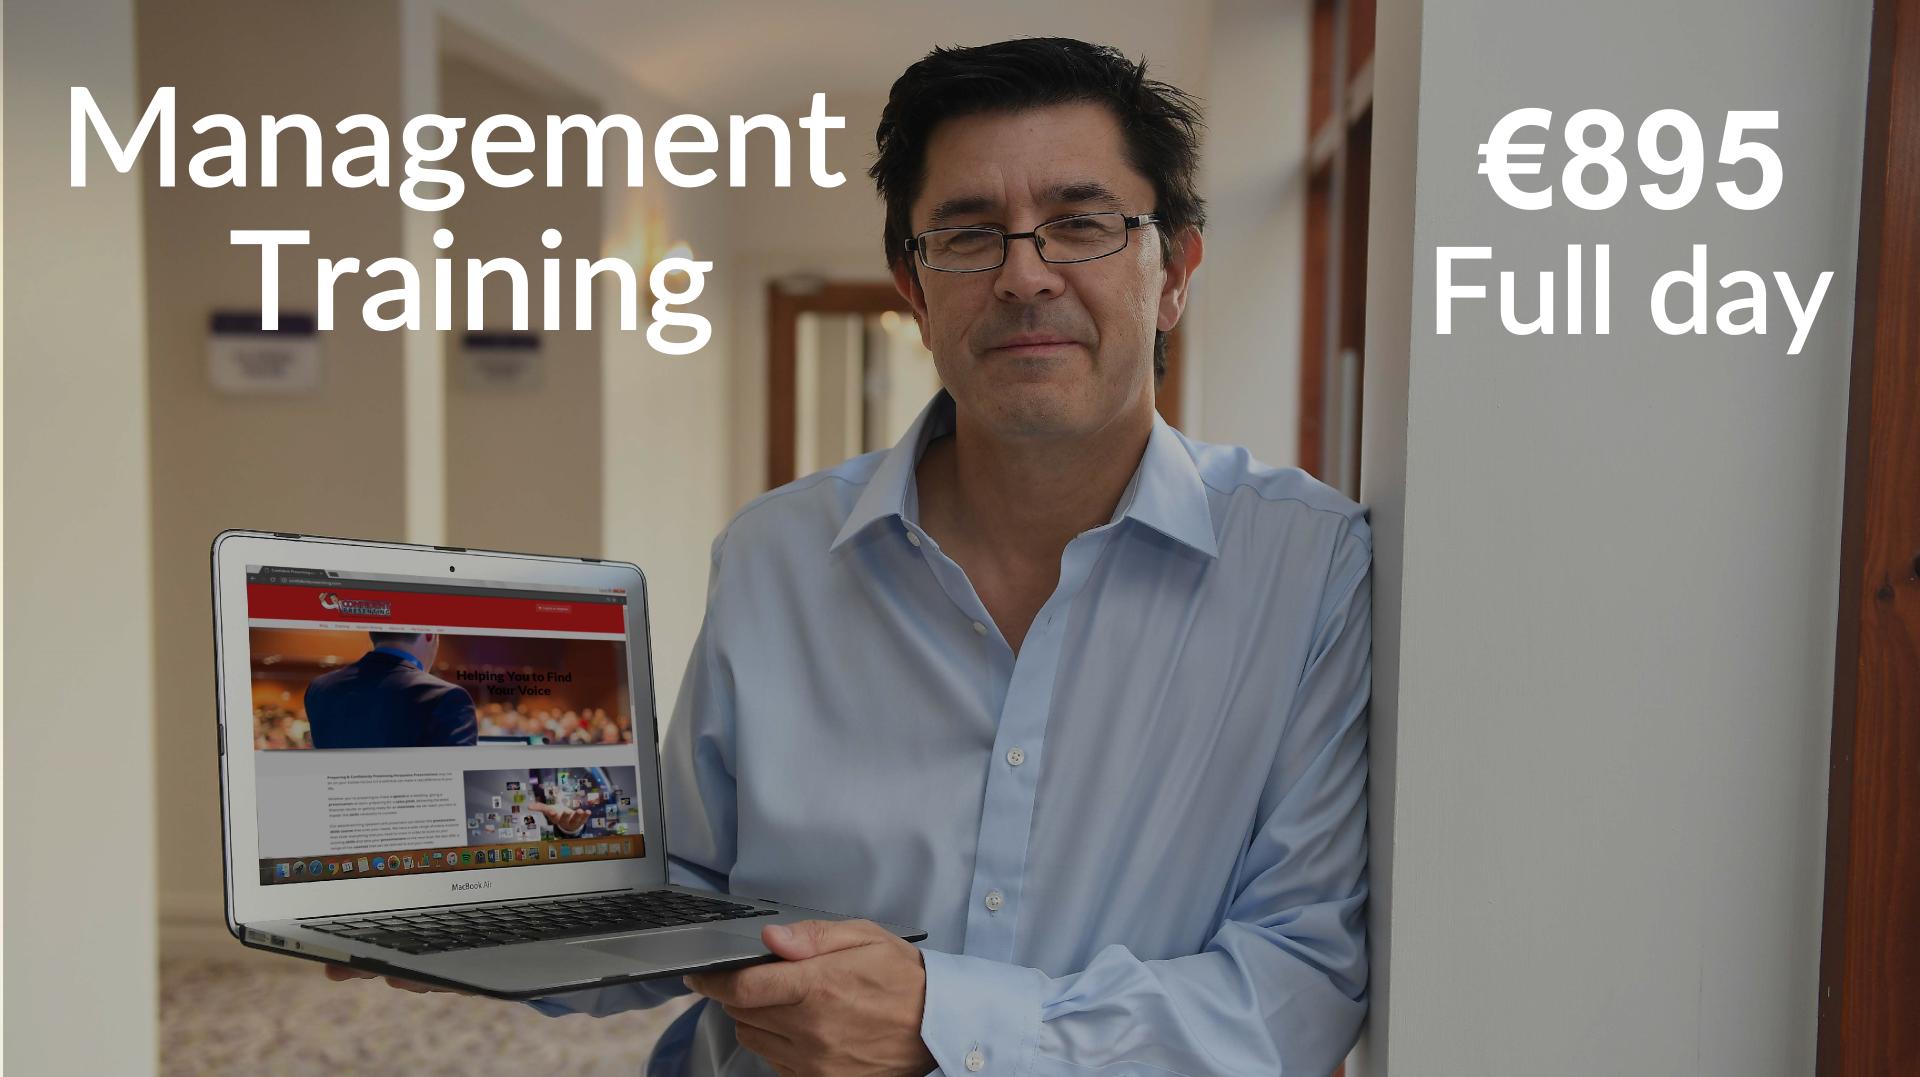 Management Training, Management Courses.